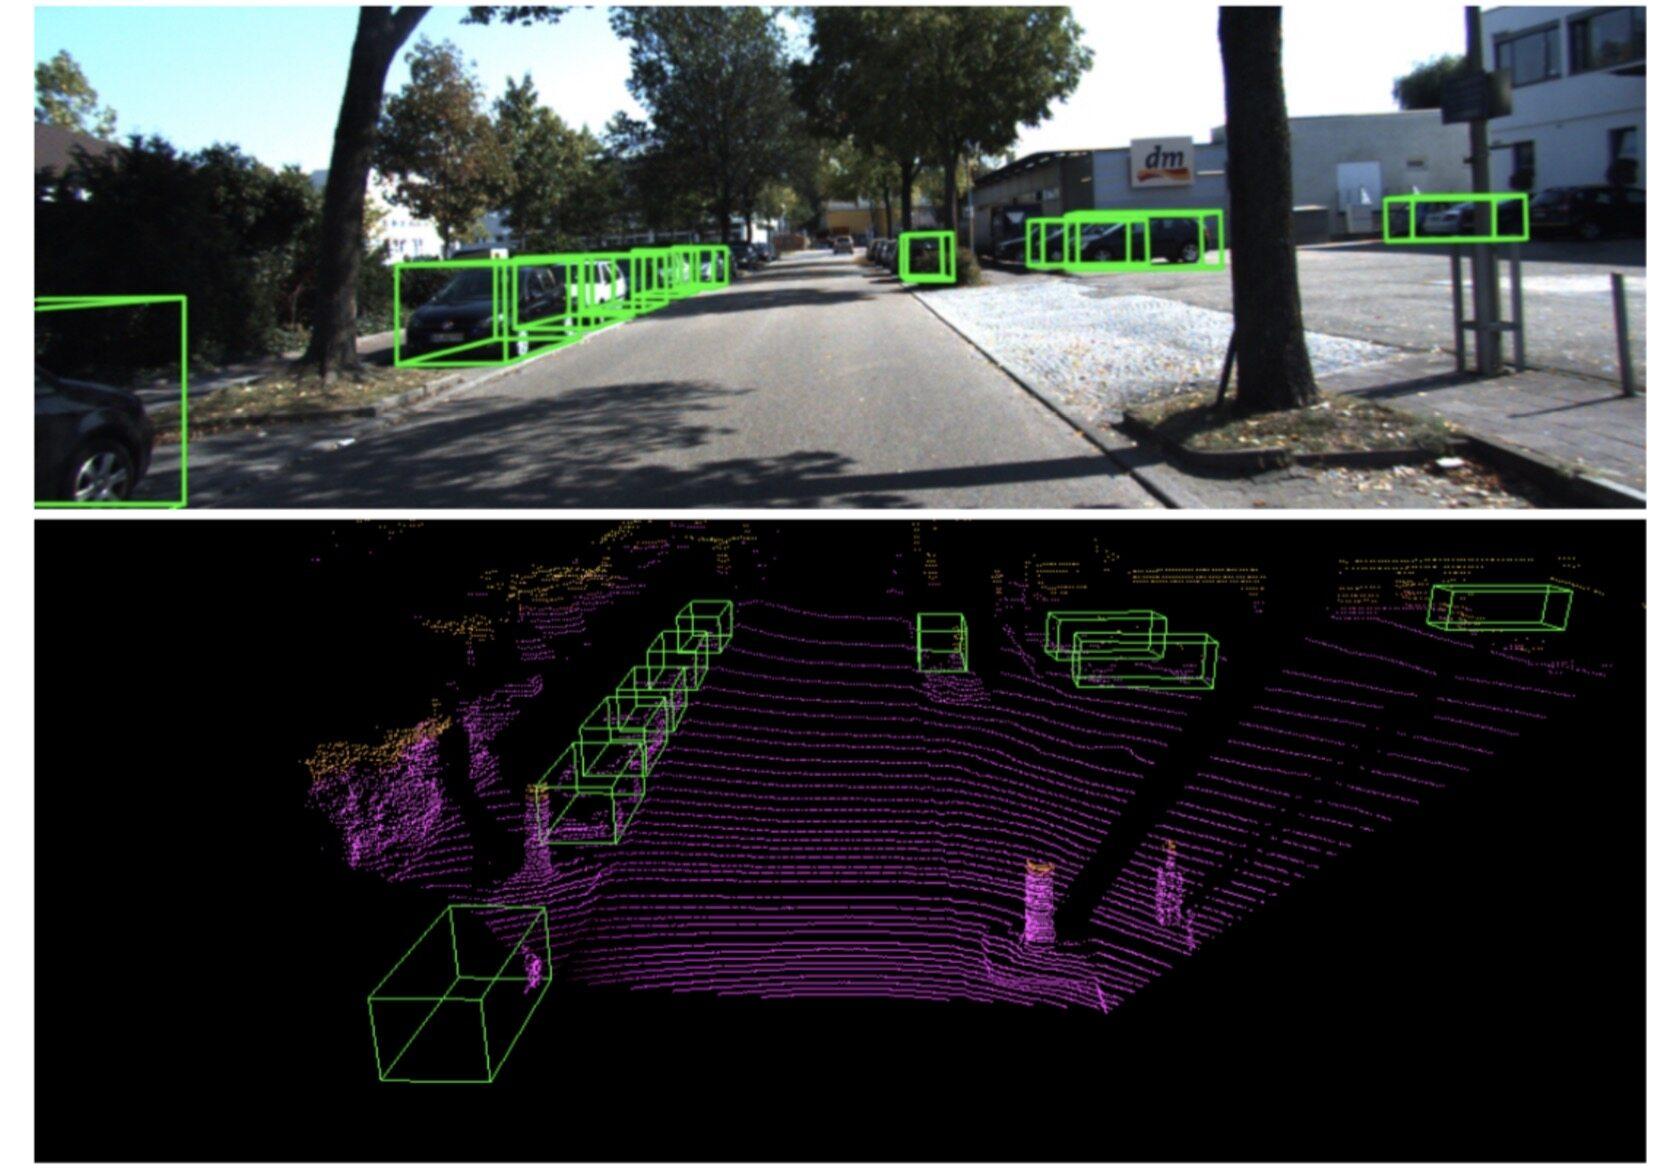 阿里达摩院自动驾驶新突破,实现3D物体检测精度与速度兼得   CVPR 2020论文解读